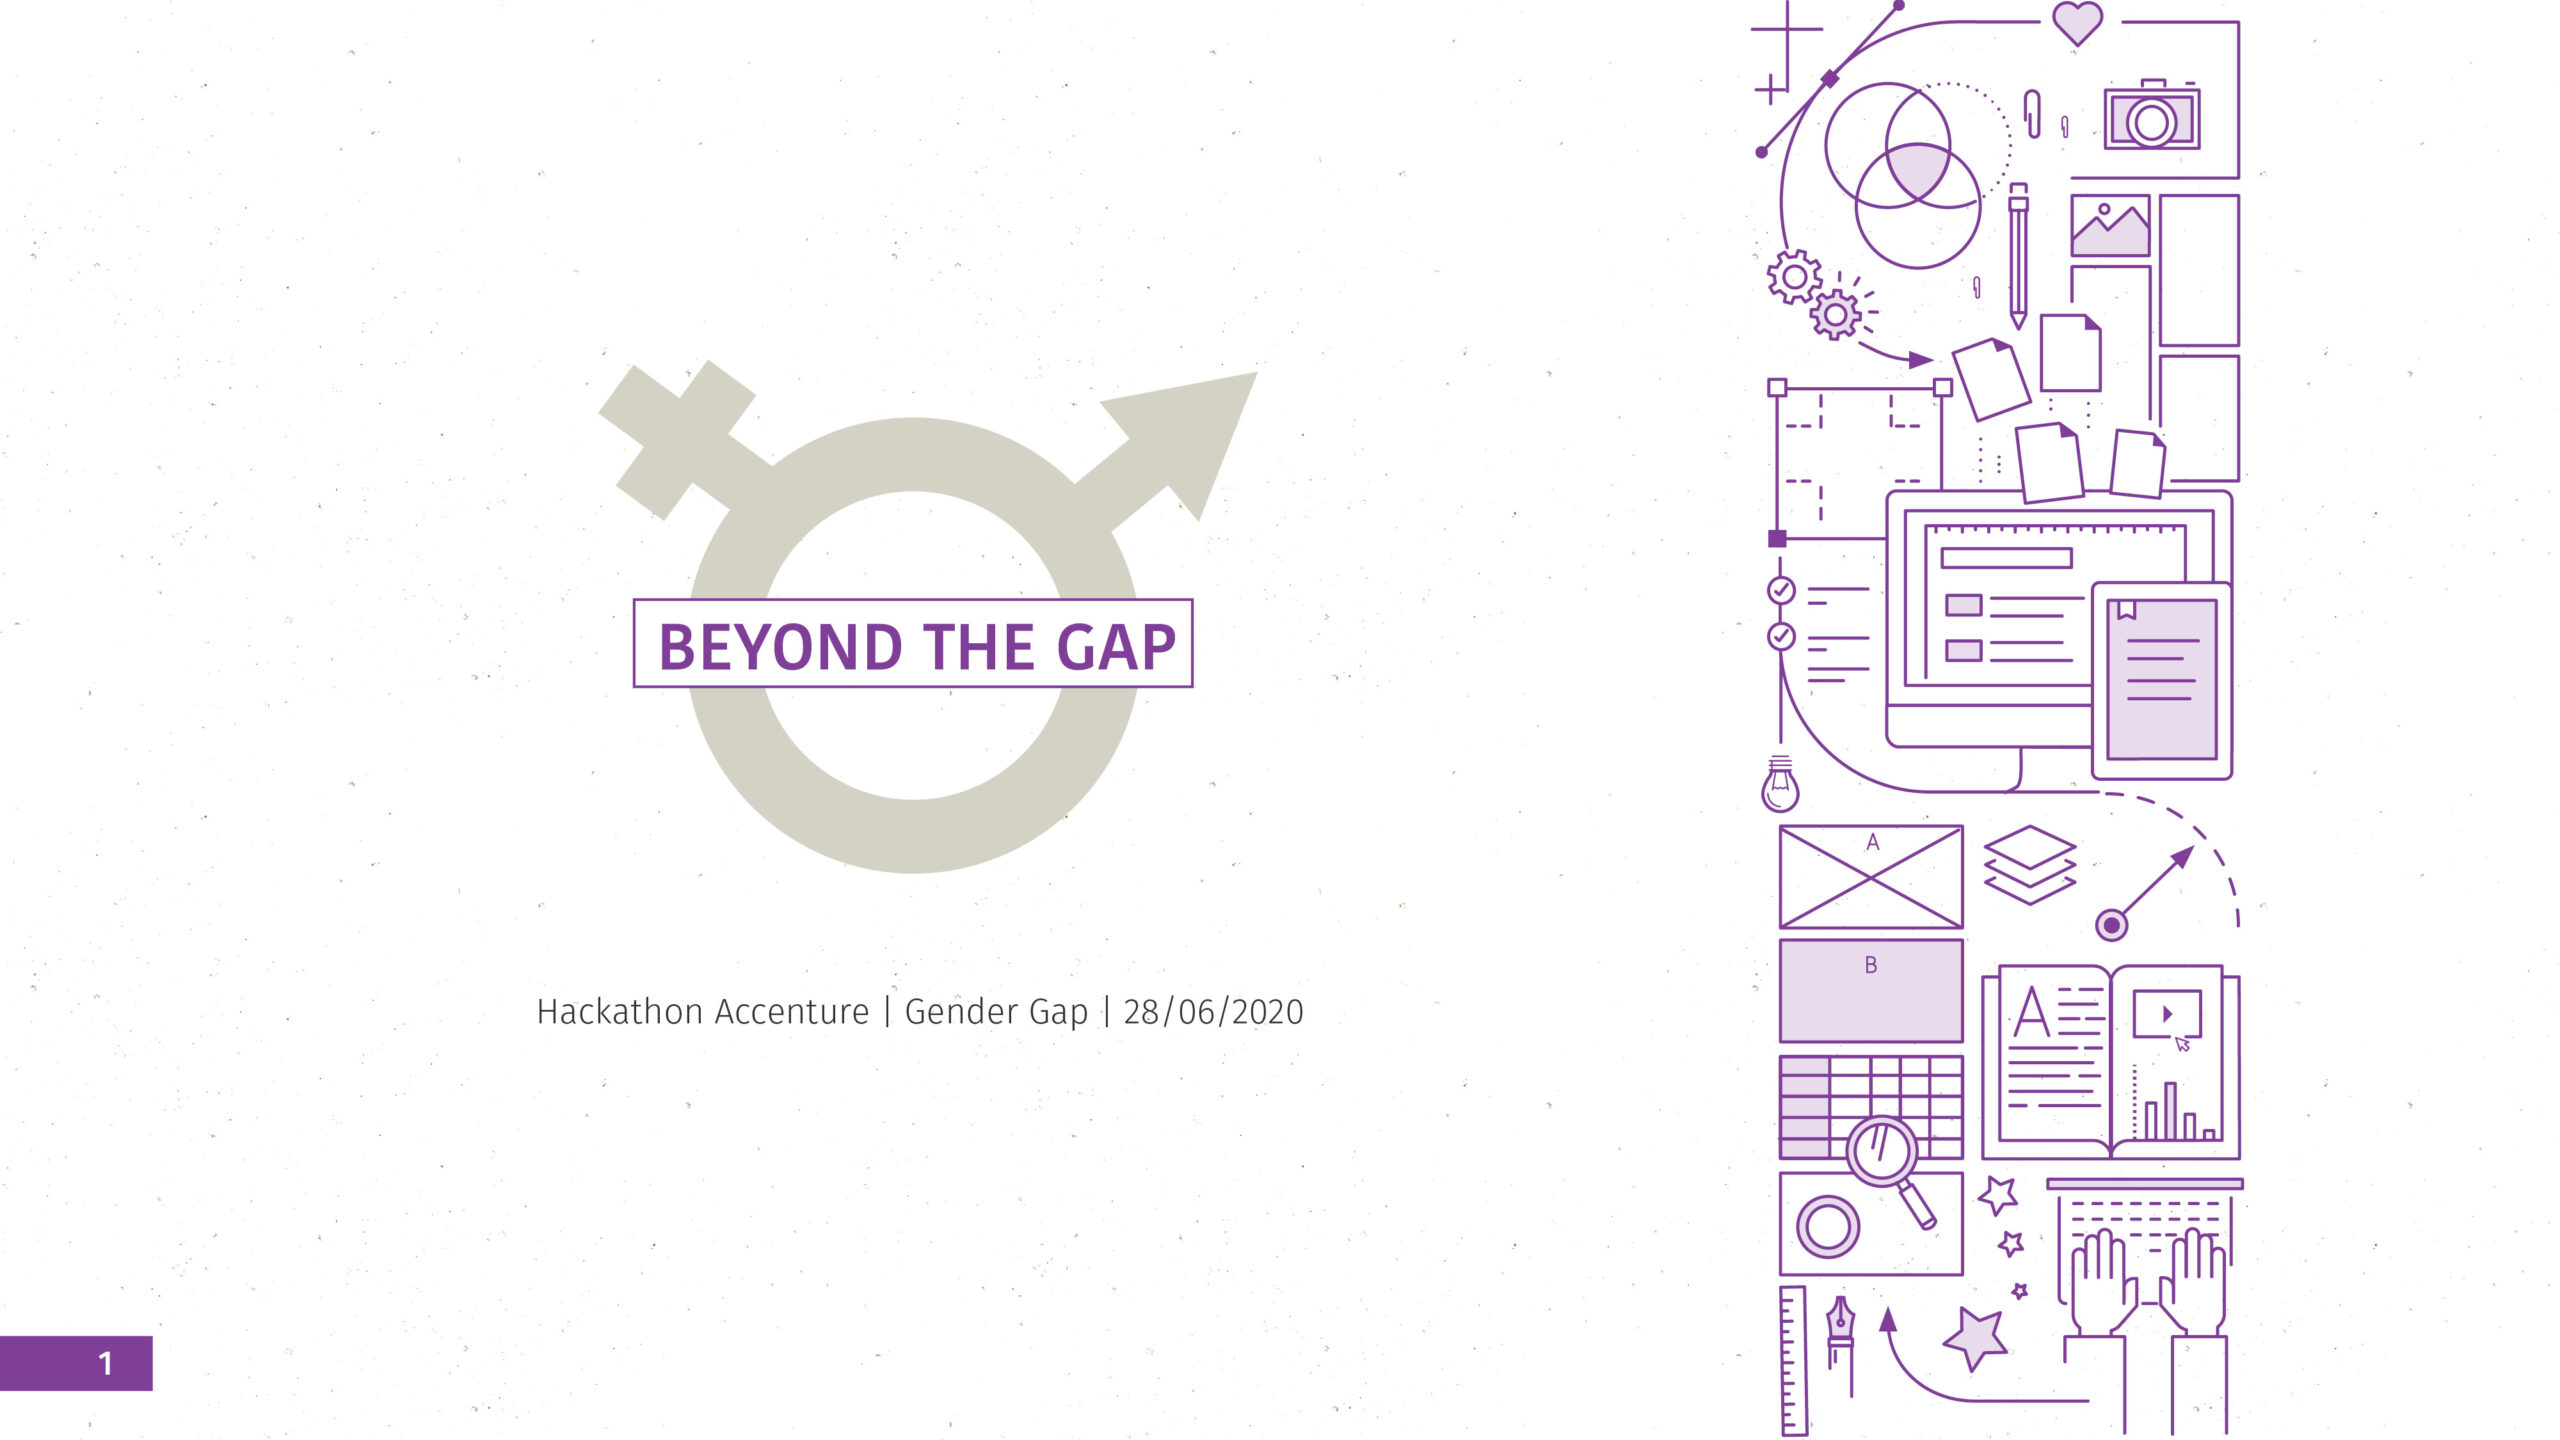 Hackathon Accenture Cover